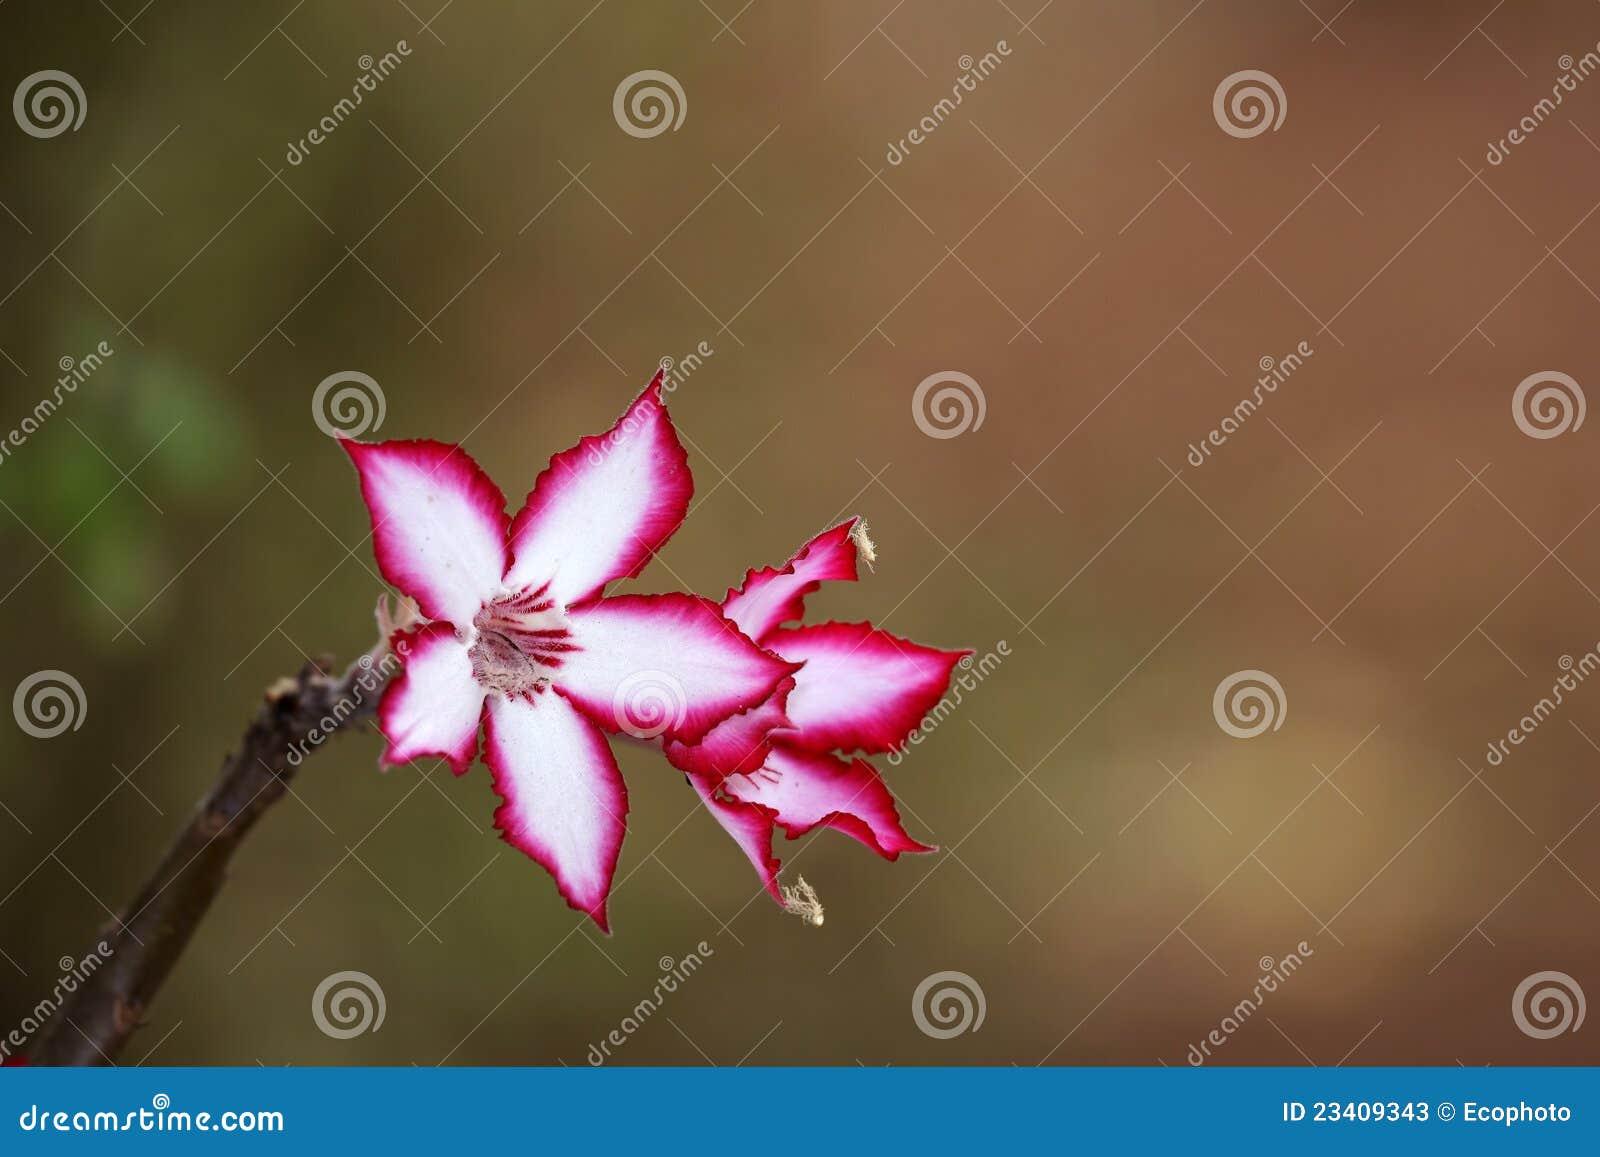 Lily Flower Plant Cartoon Vector Cartoondealer Com 66113561